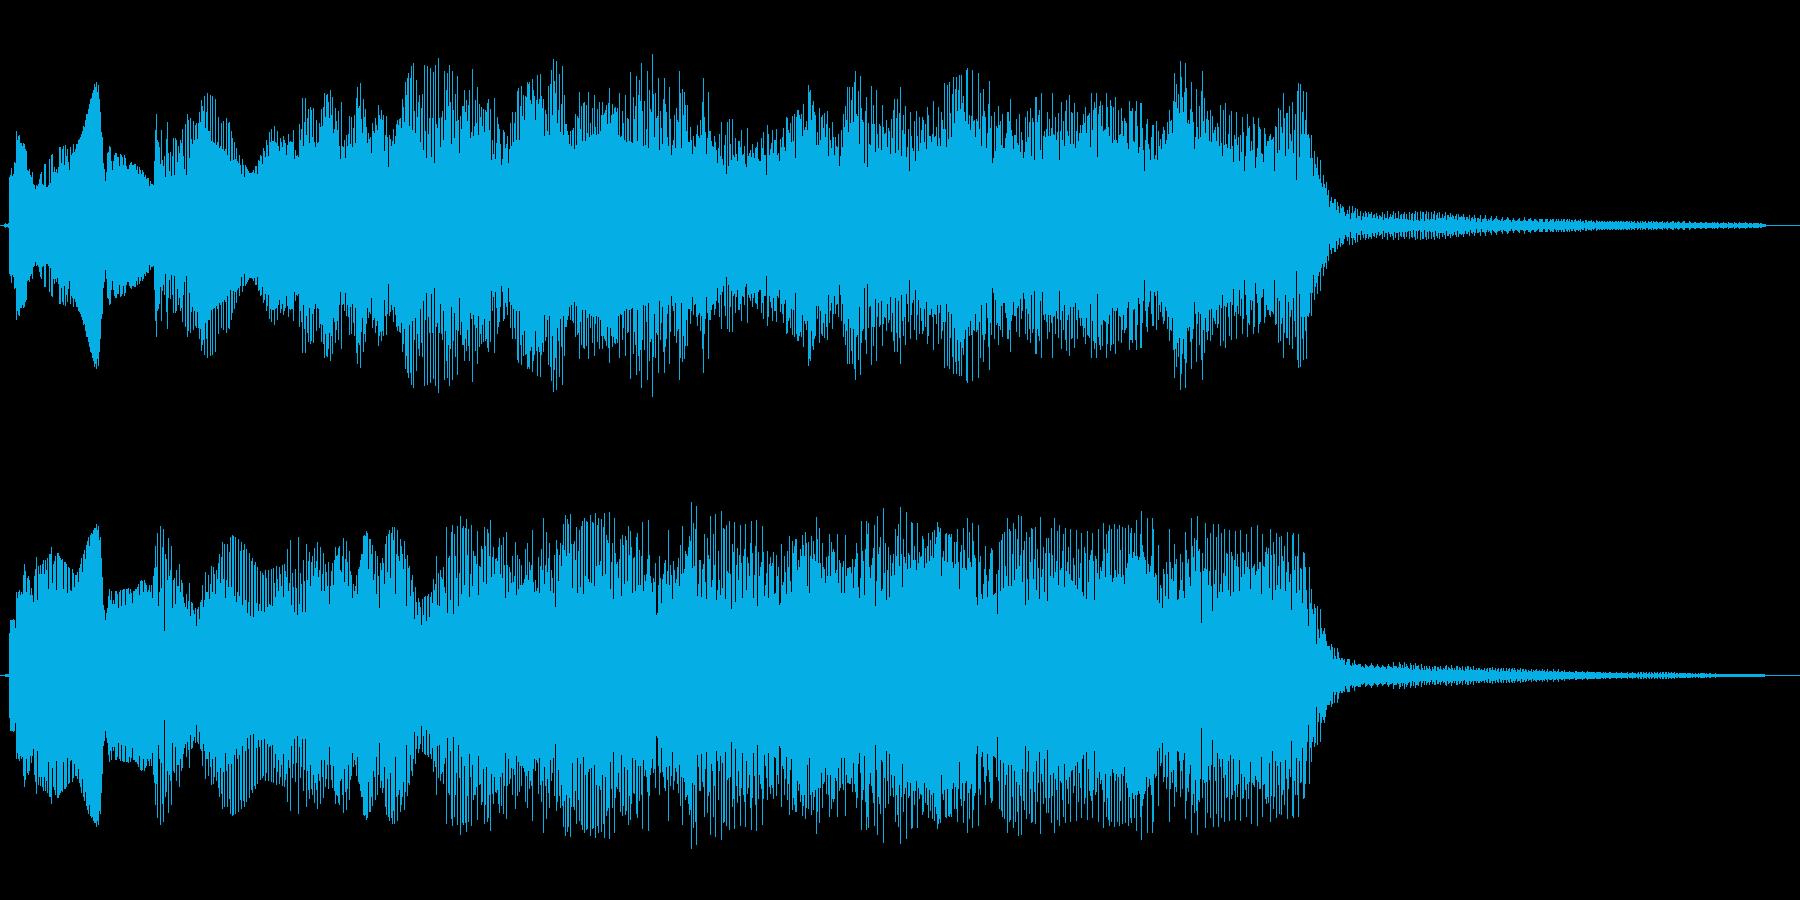 パンパンパンパーン↑(明るいOP音)の再生済みの波形